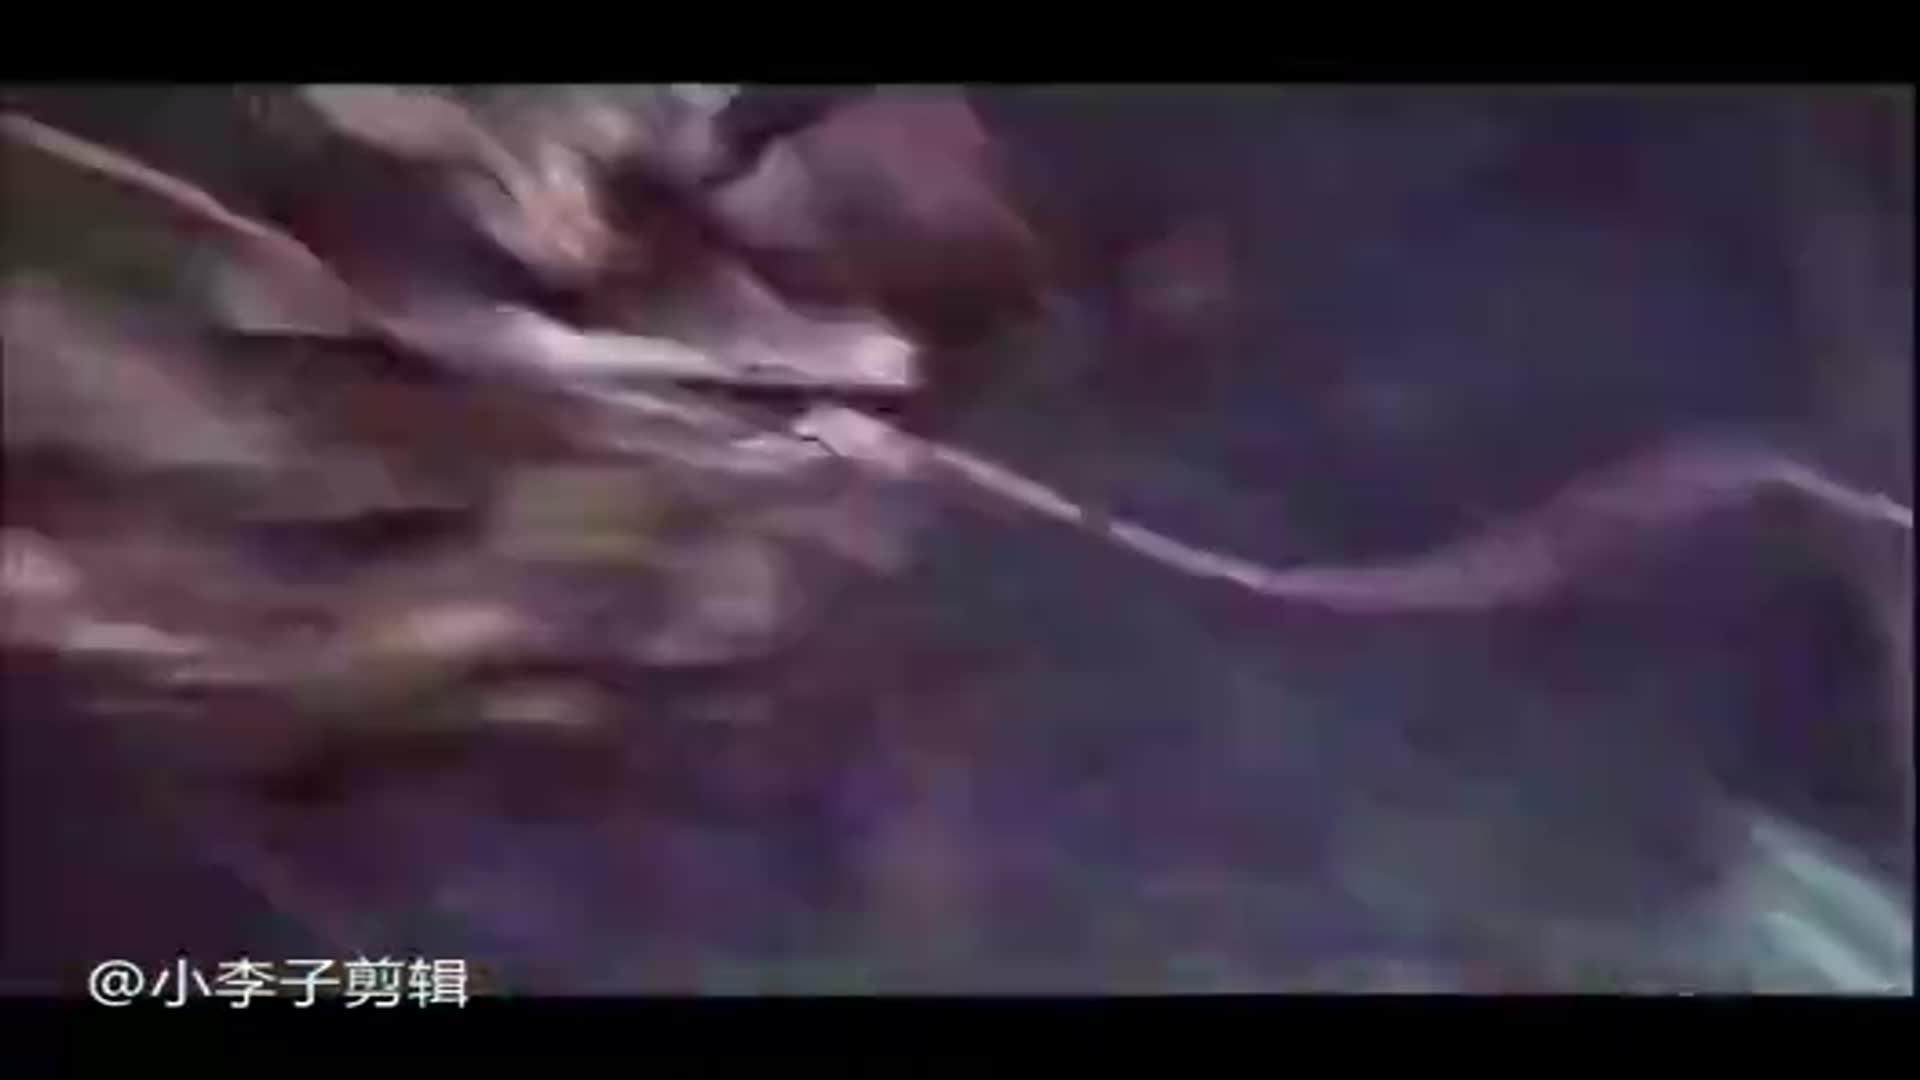 影视:记得在丛林遇到这群小可爱,要大声的喊哦盗墓迷城